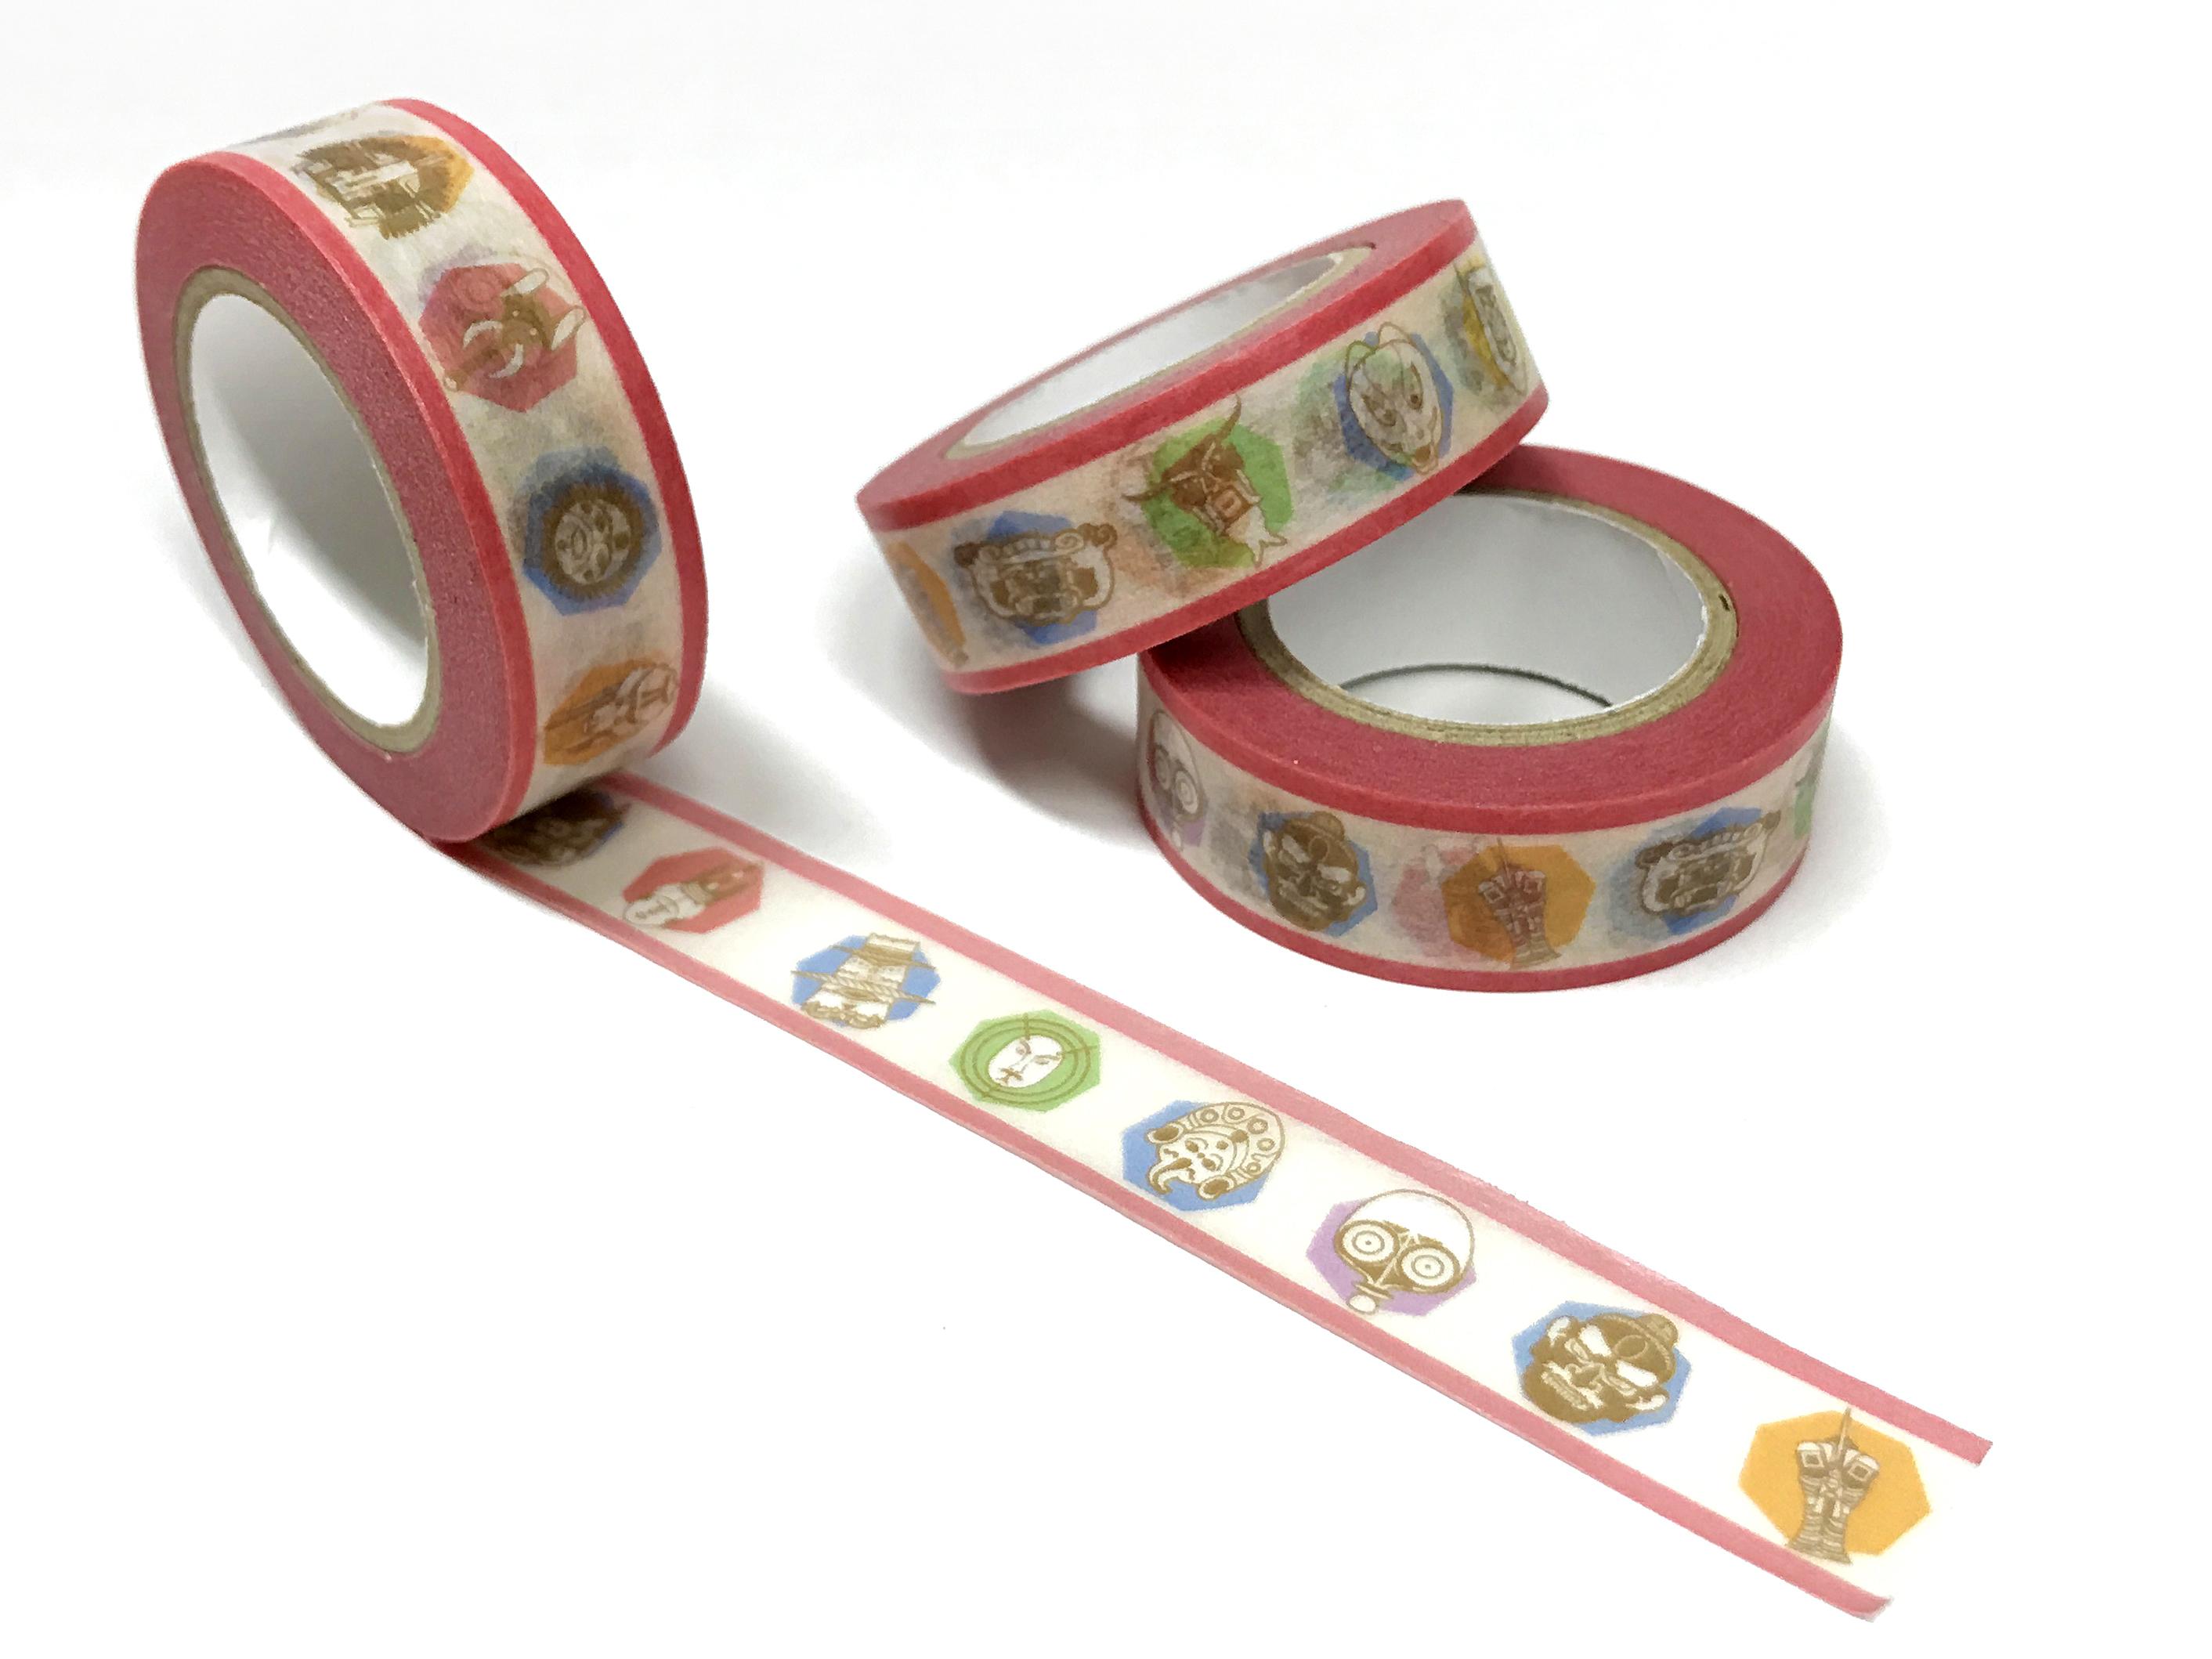 肥後ゼミ4年⽣が企画・デザインした商品が国⽴⺠族学博物館のミュージアム・ ショップで発売されました。